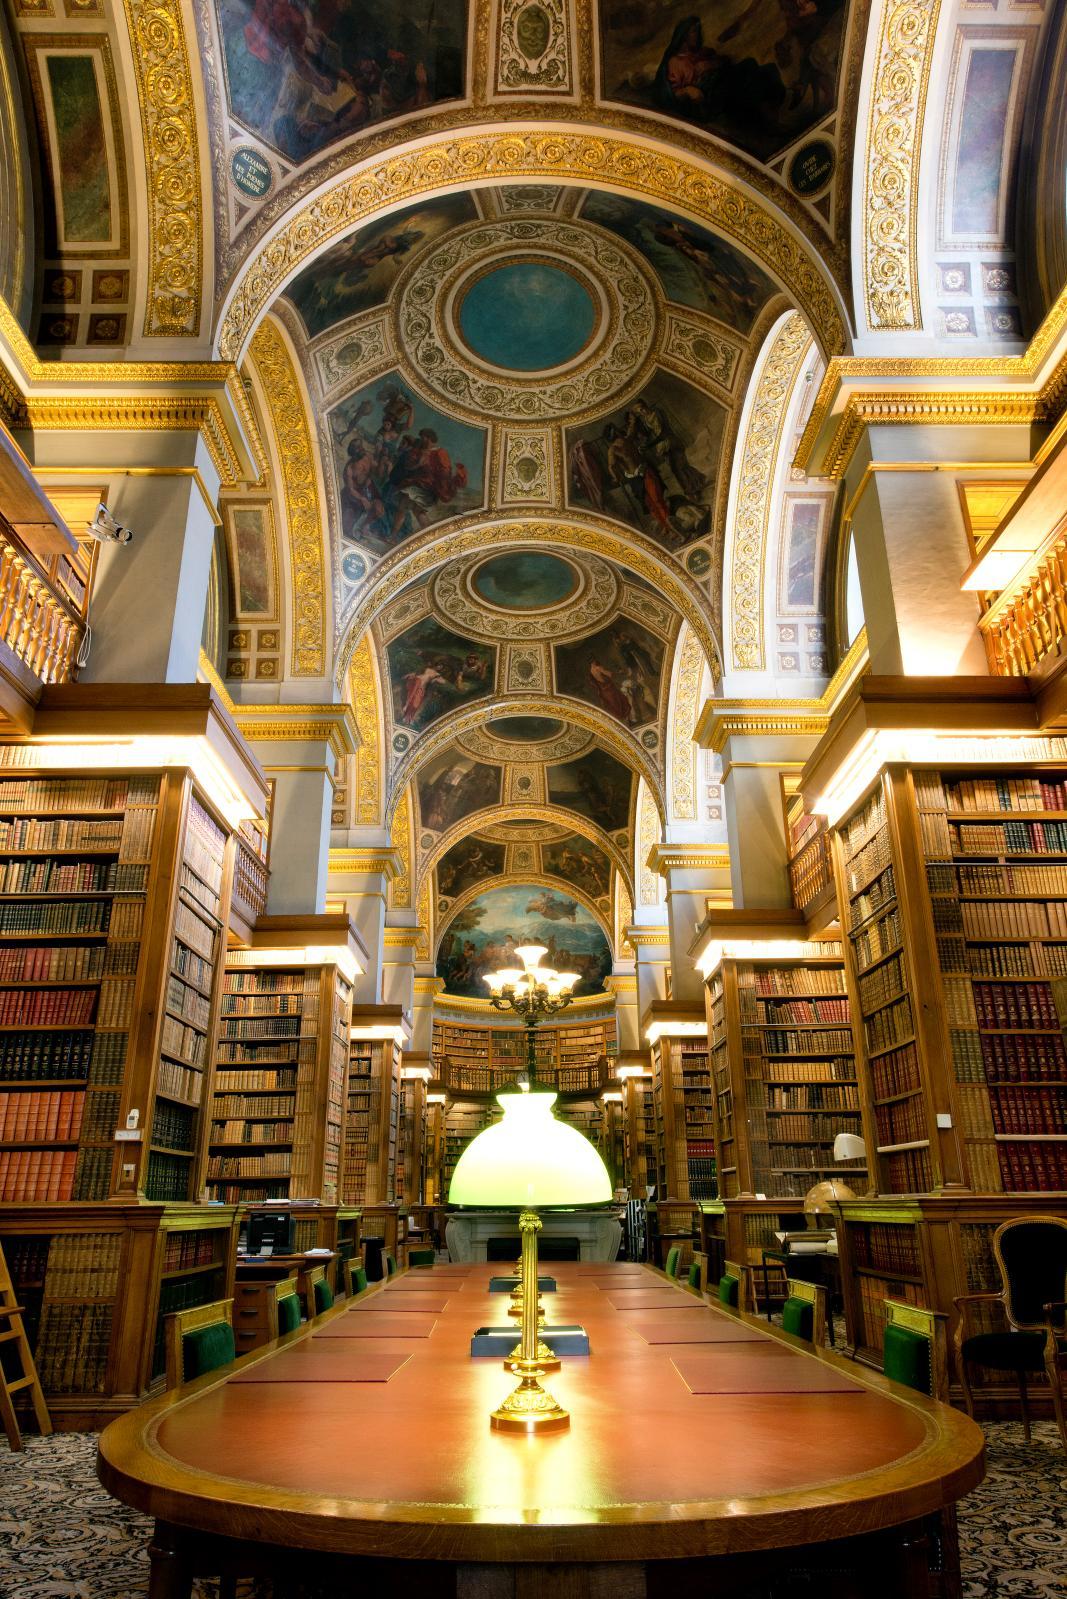 Nef de la bibliothèque de l'Assemblée nationale.